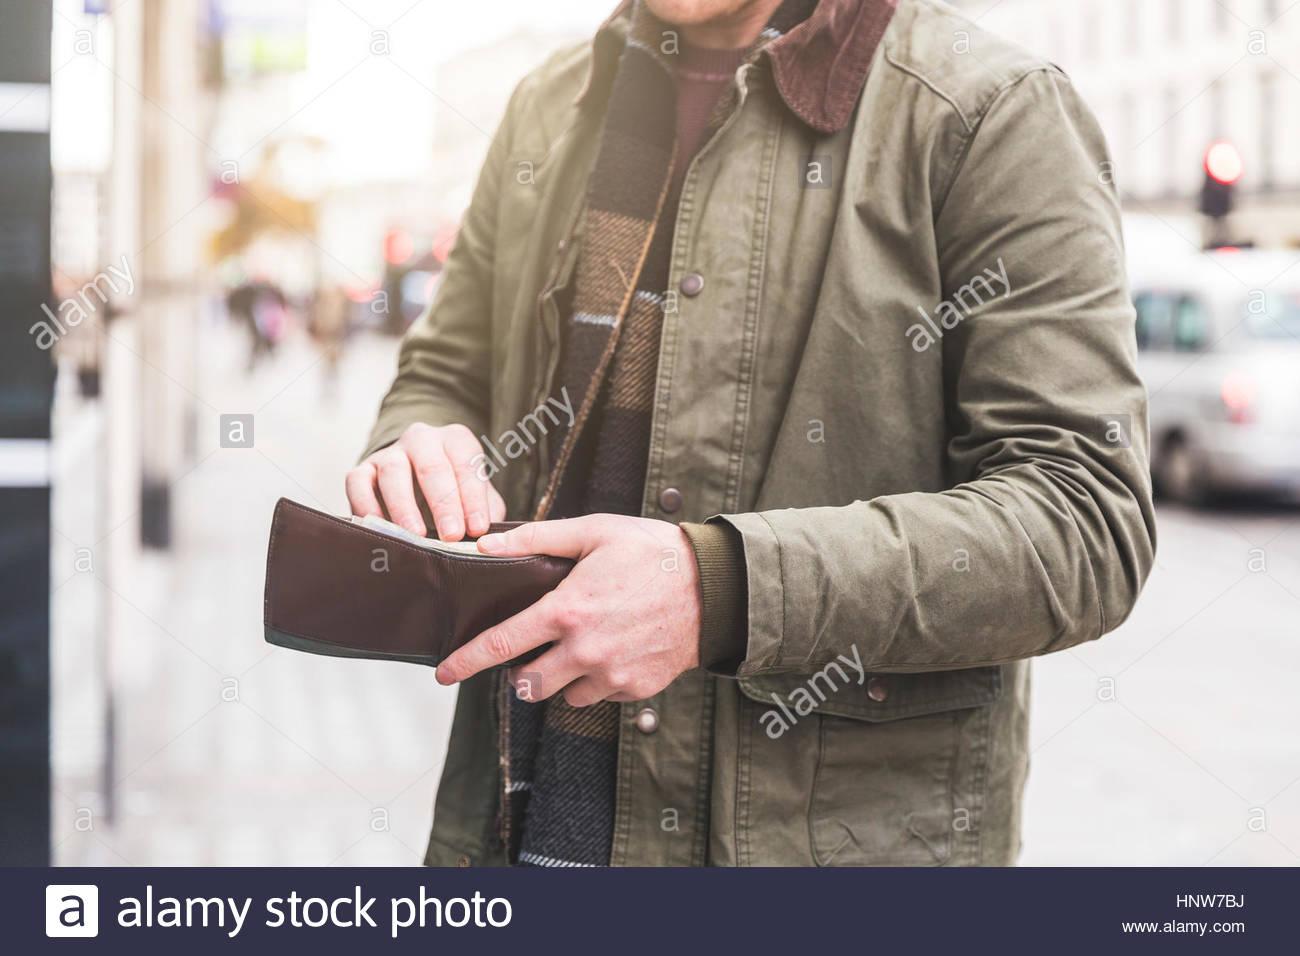 Contrôle de l'homme portefeuille dans l'avant du magasin, London, UK Photo Stock